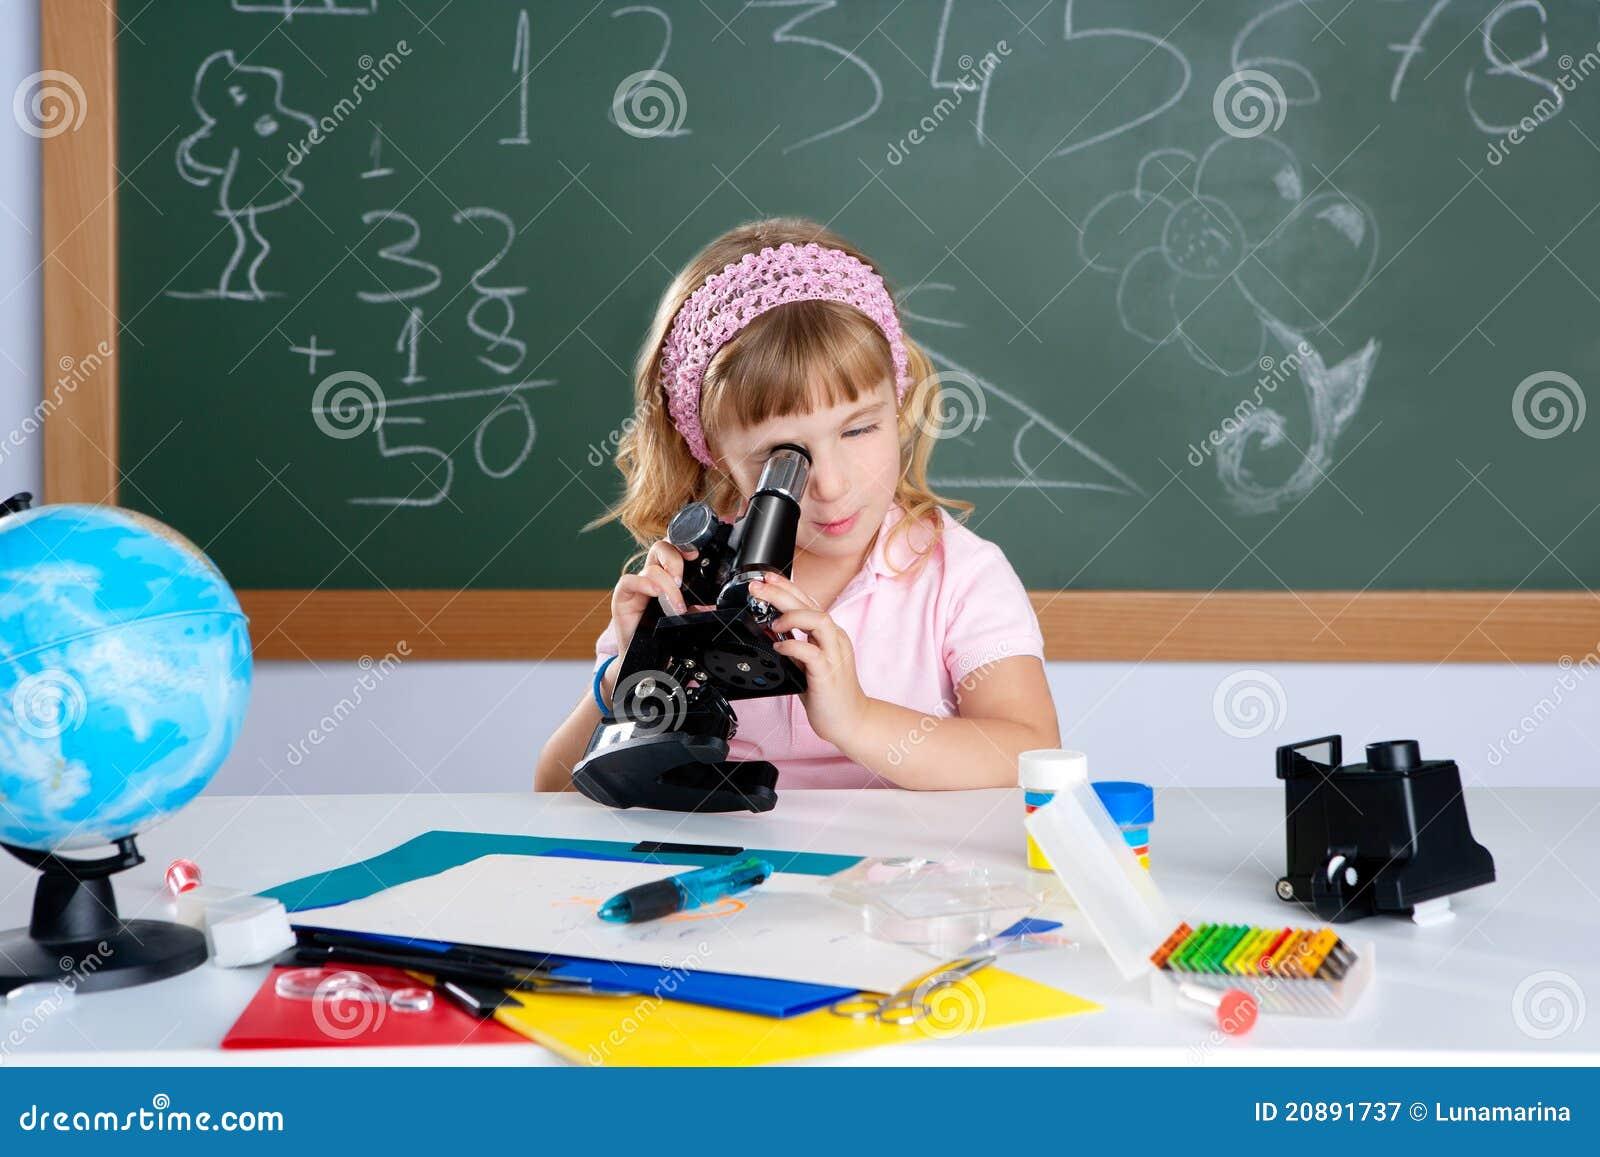 Kleines mikroskop museum optischer instrumente kleines mikroskop